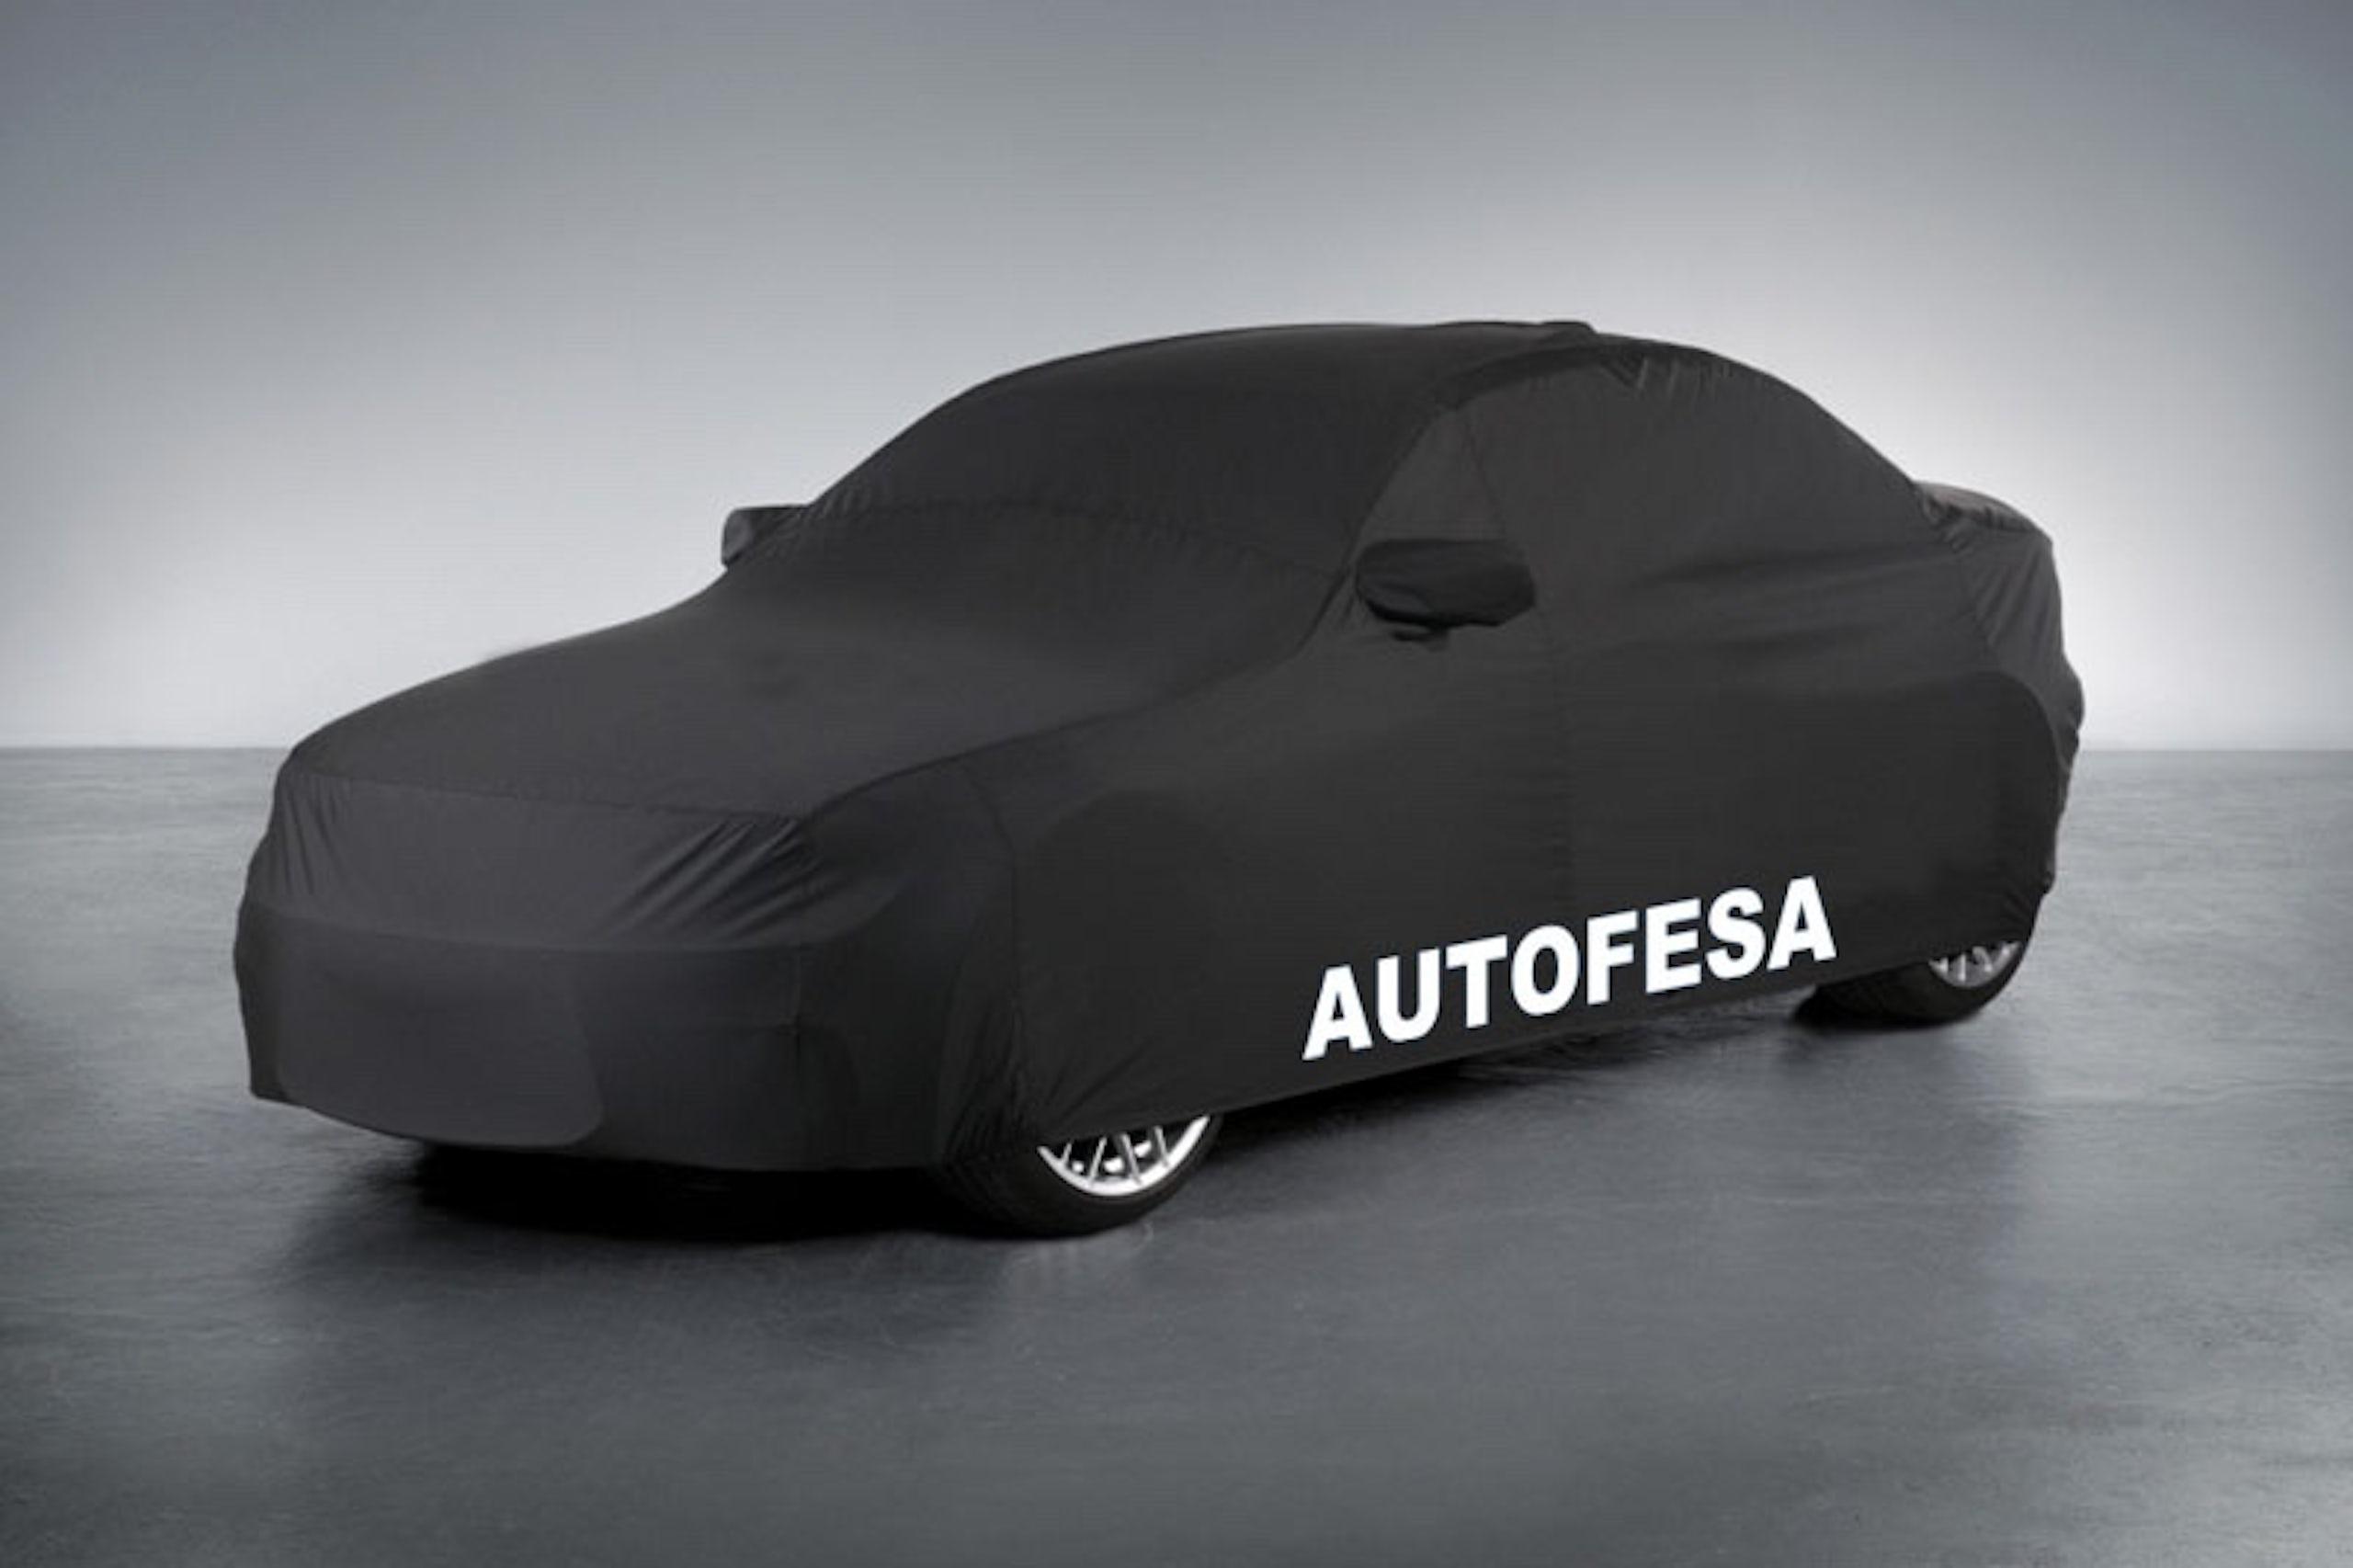 Audi A4 Avant 2.0 TDI 190cv quattro 5p S tronic Auto S/S - Foto 36